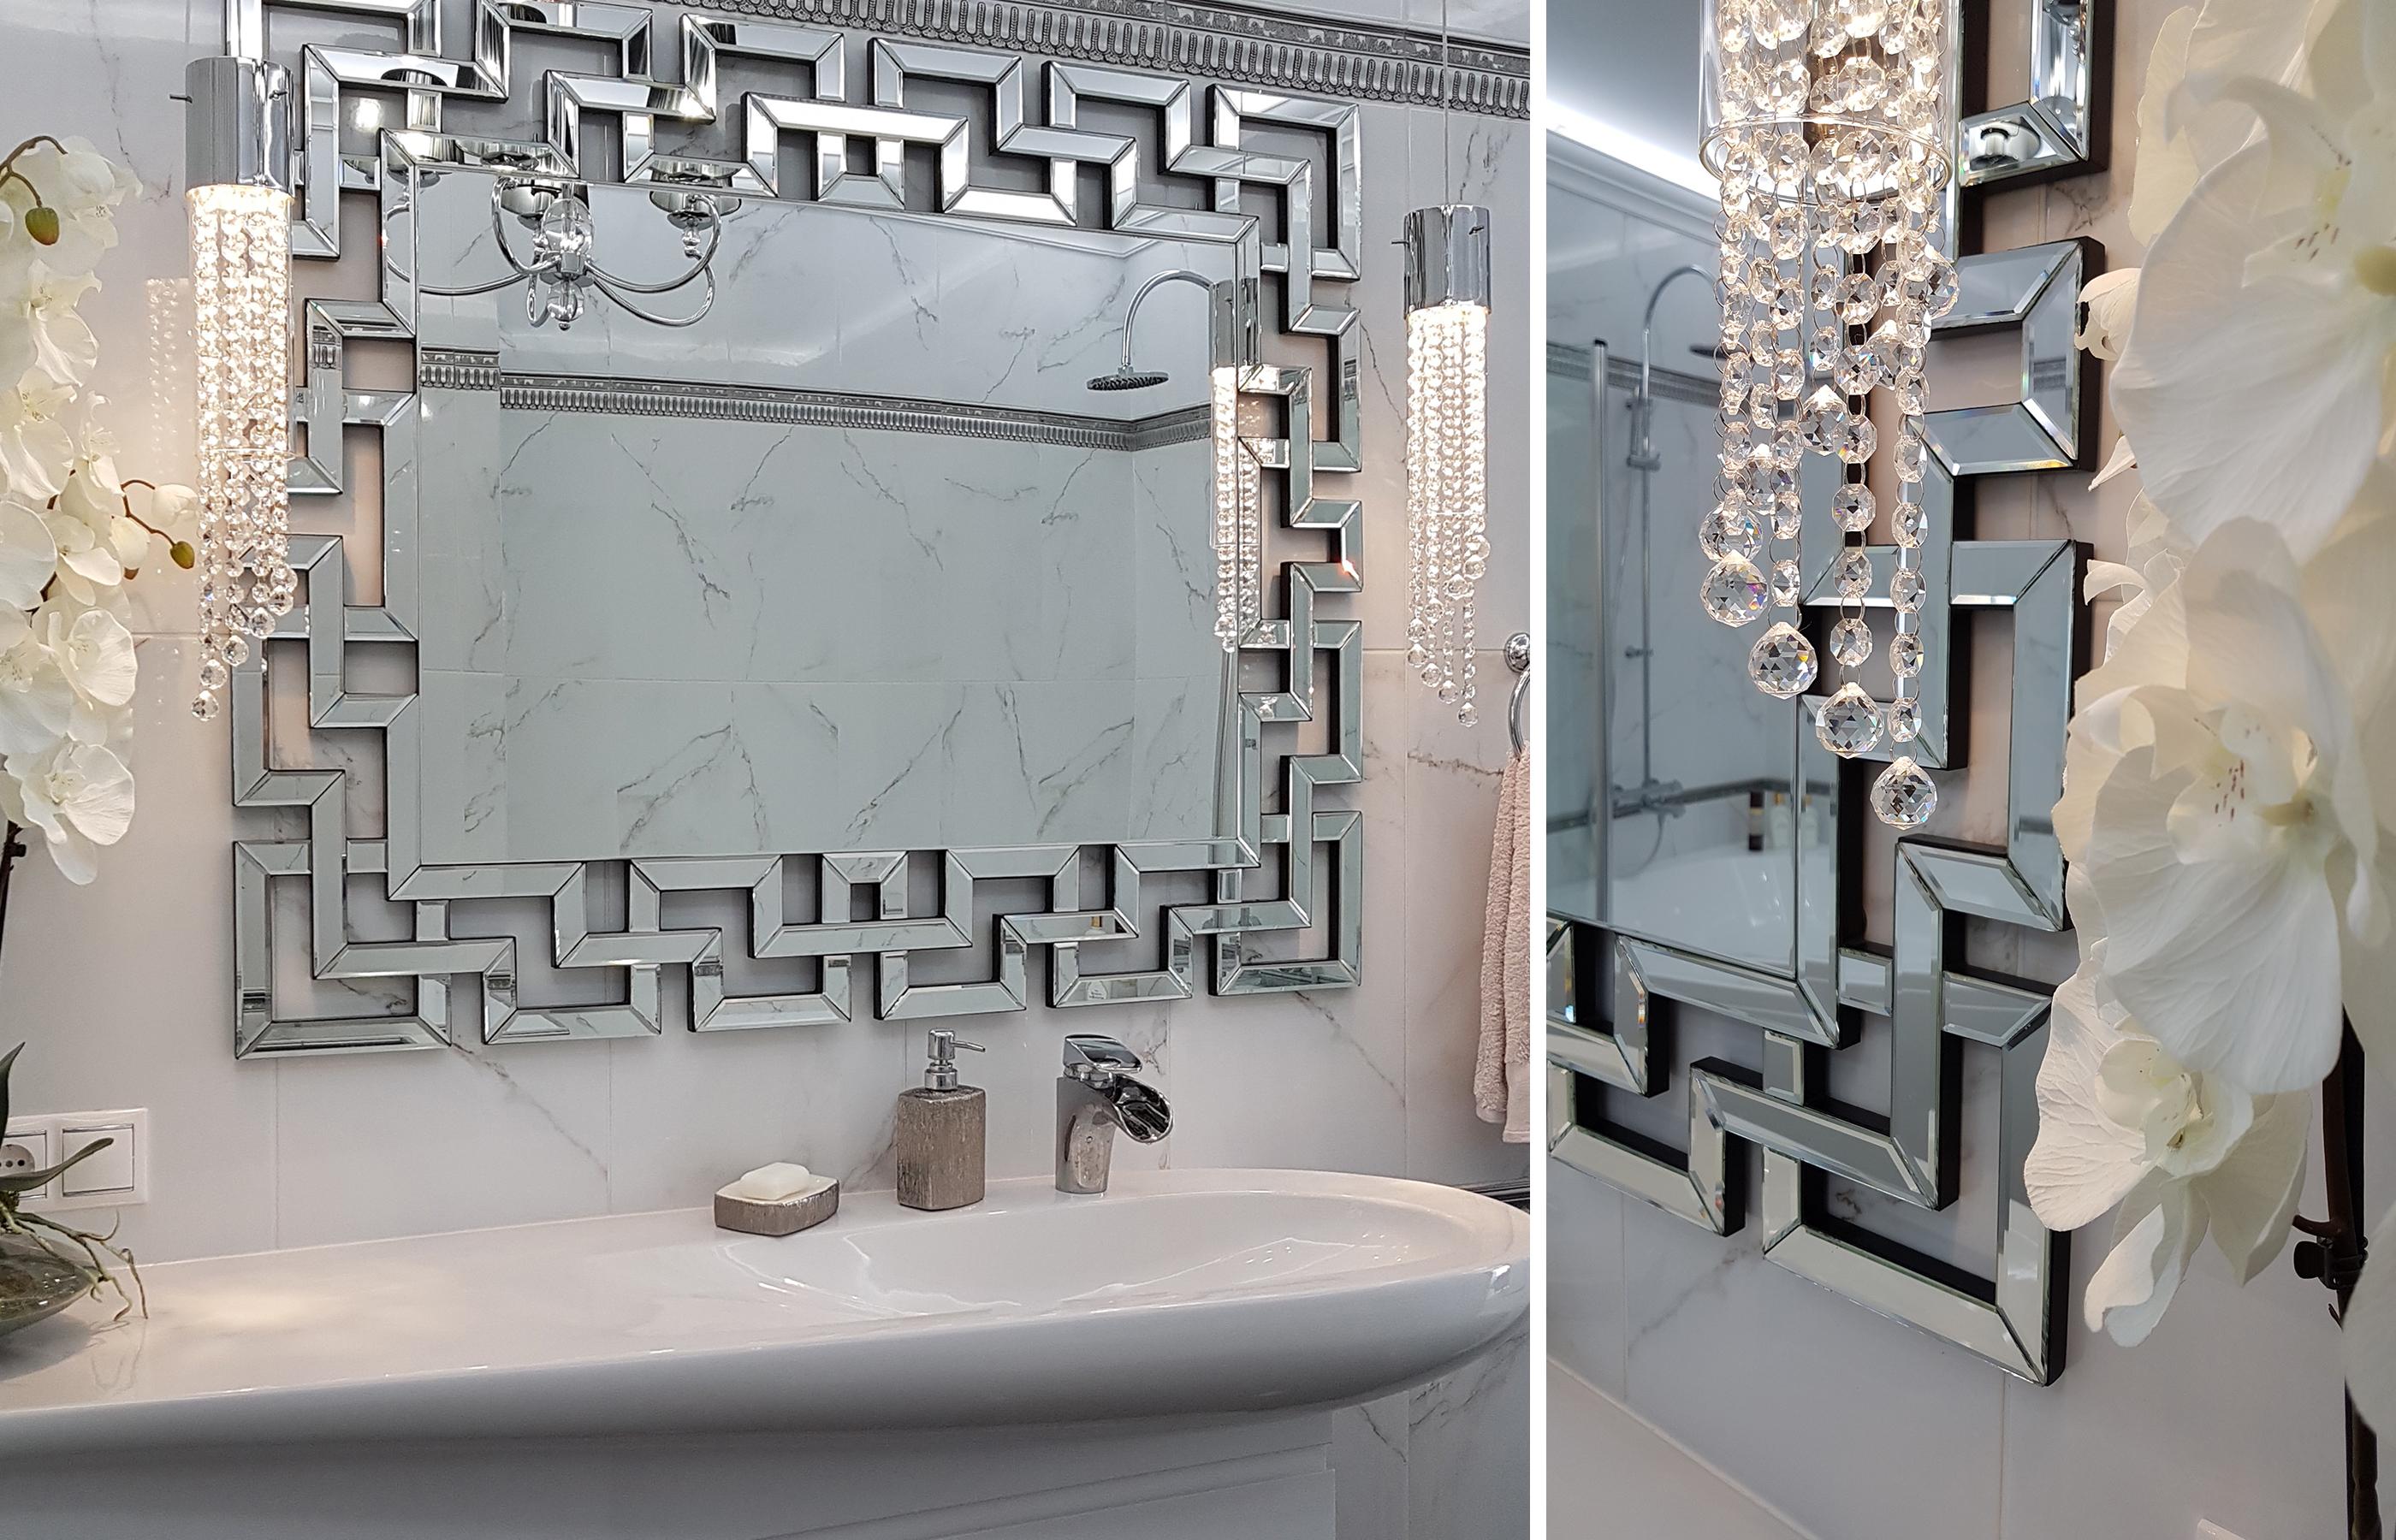 Интерьер ванной комнаты украшен зеркалом, выполненным в венецианской технике